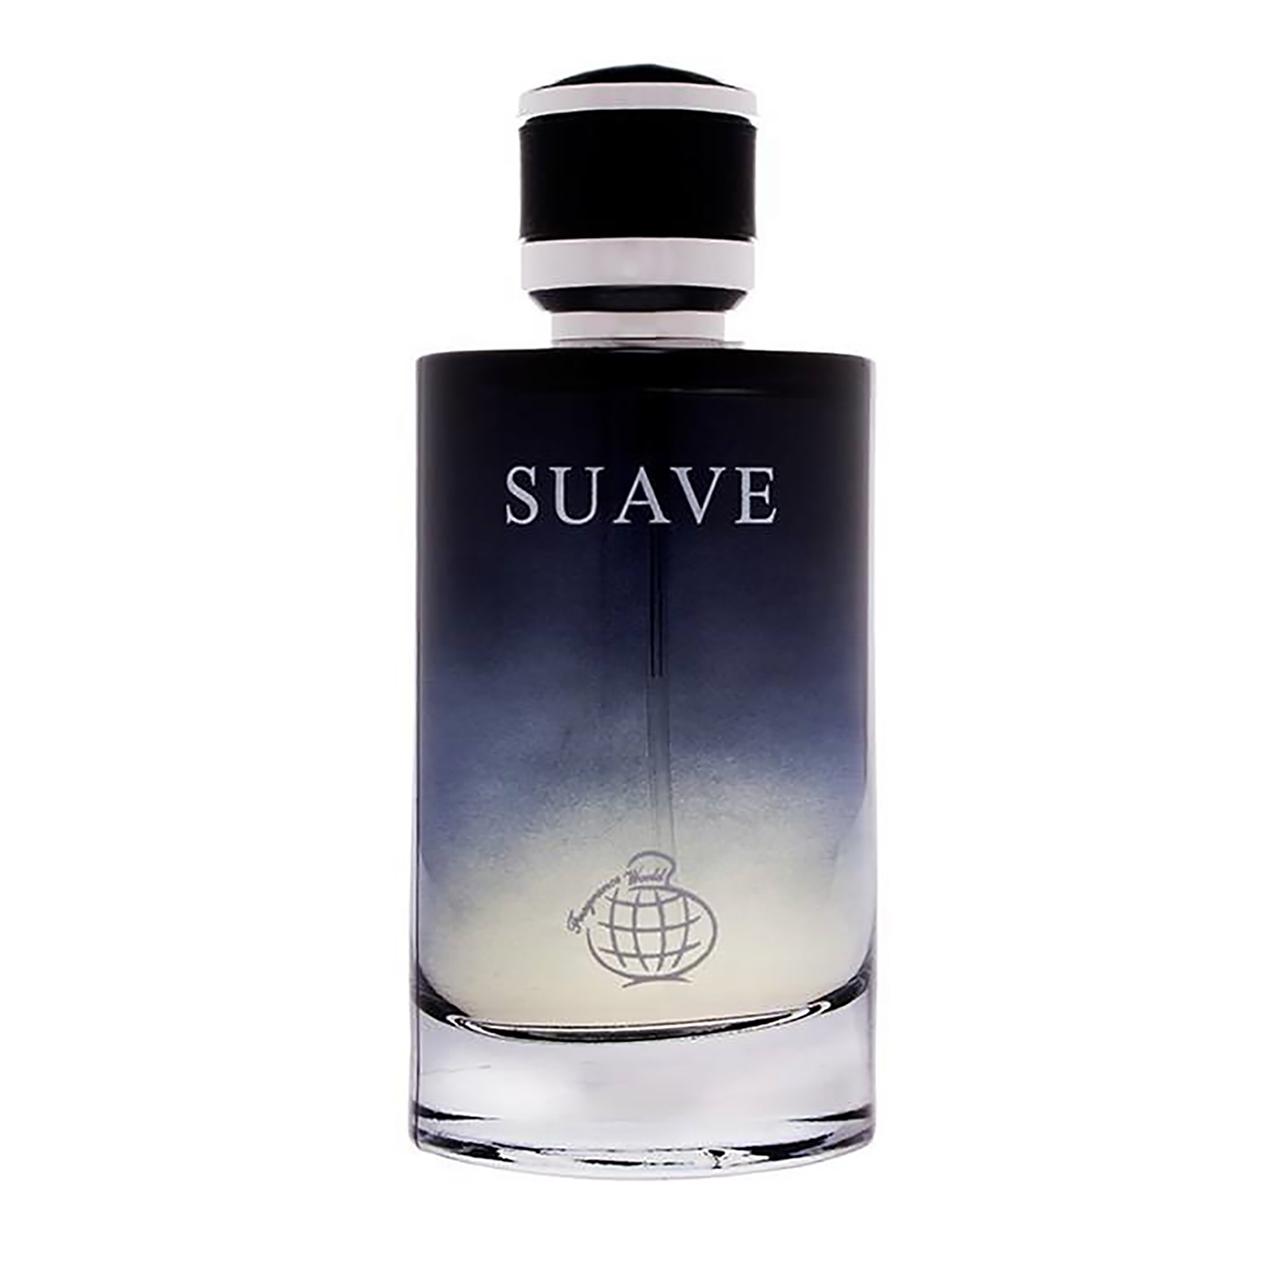 خرید اینترنتی                     ادو پرفیوم مردانه فراگرنس ورد مدل SUAVE حجم 100 میلی لیتر             با قیمت مناسب